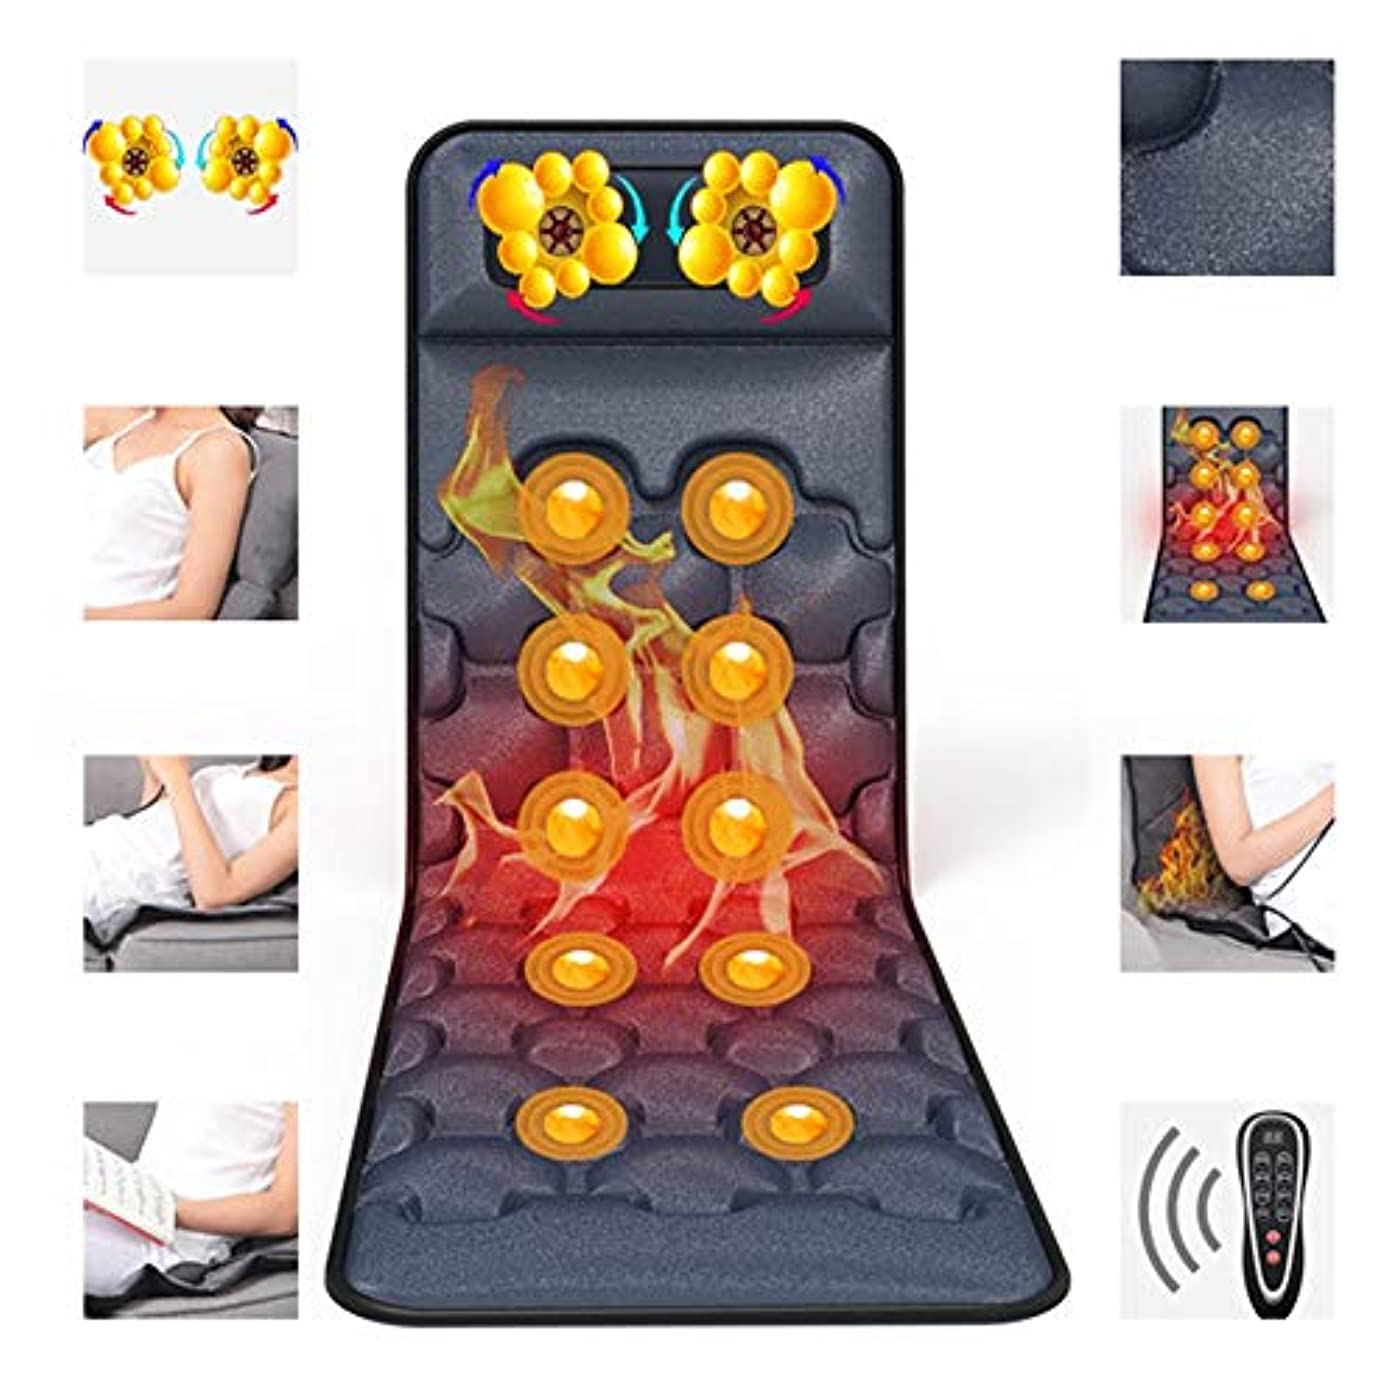 味付け申し込む吹雪アッパー/腰腰下肢の痛みを軽減するピンポイントマッサージ用パッドのマッサージマットマットレス多機能暖房セラピーマッサージマッサージフルボディ、